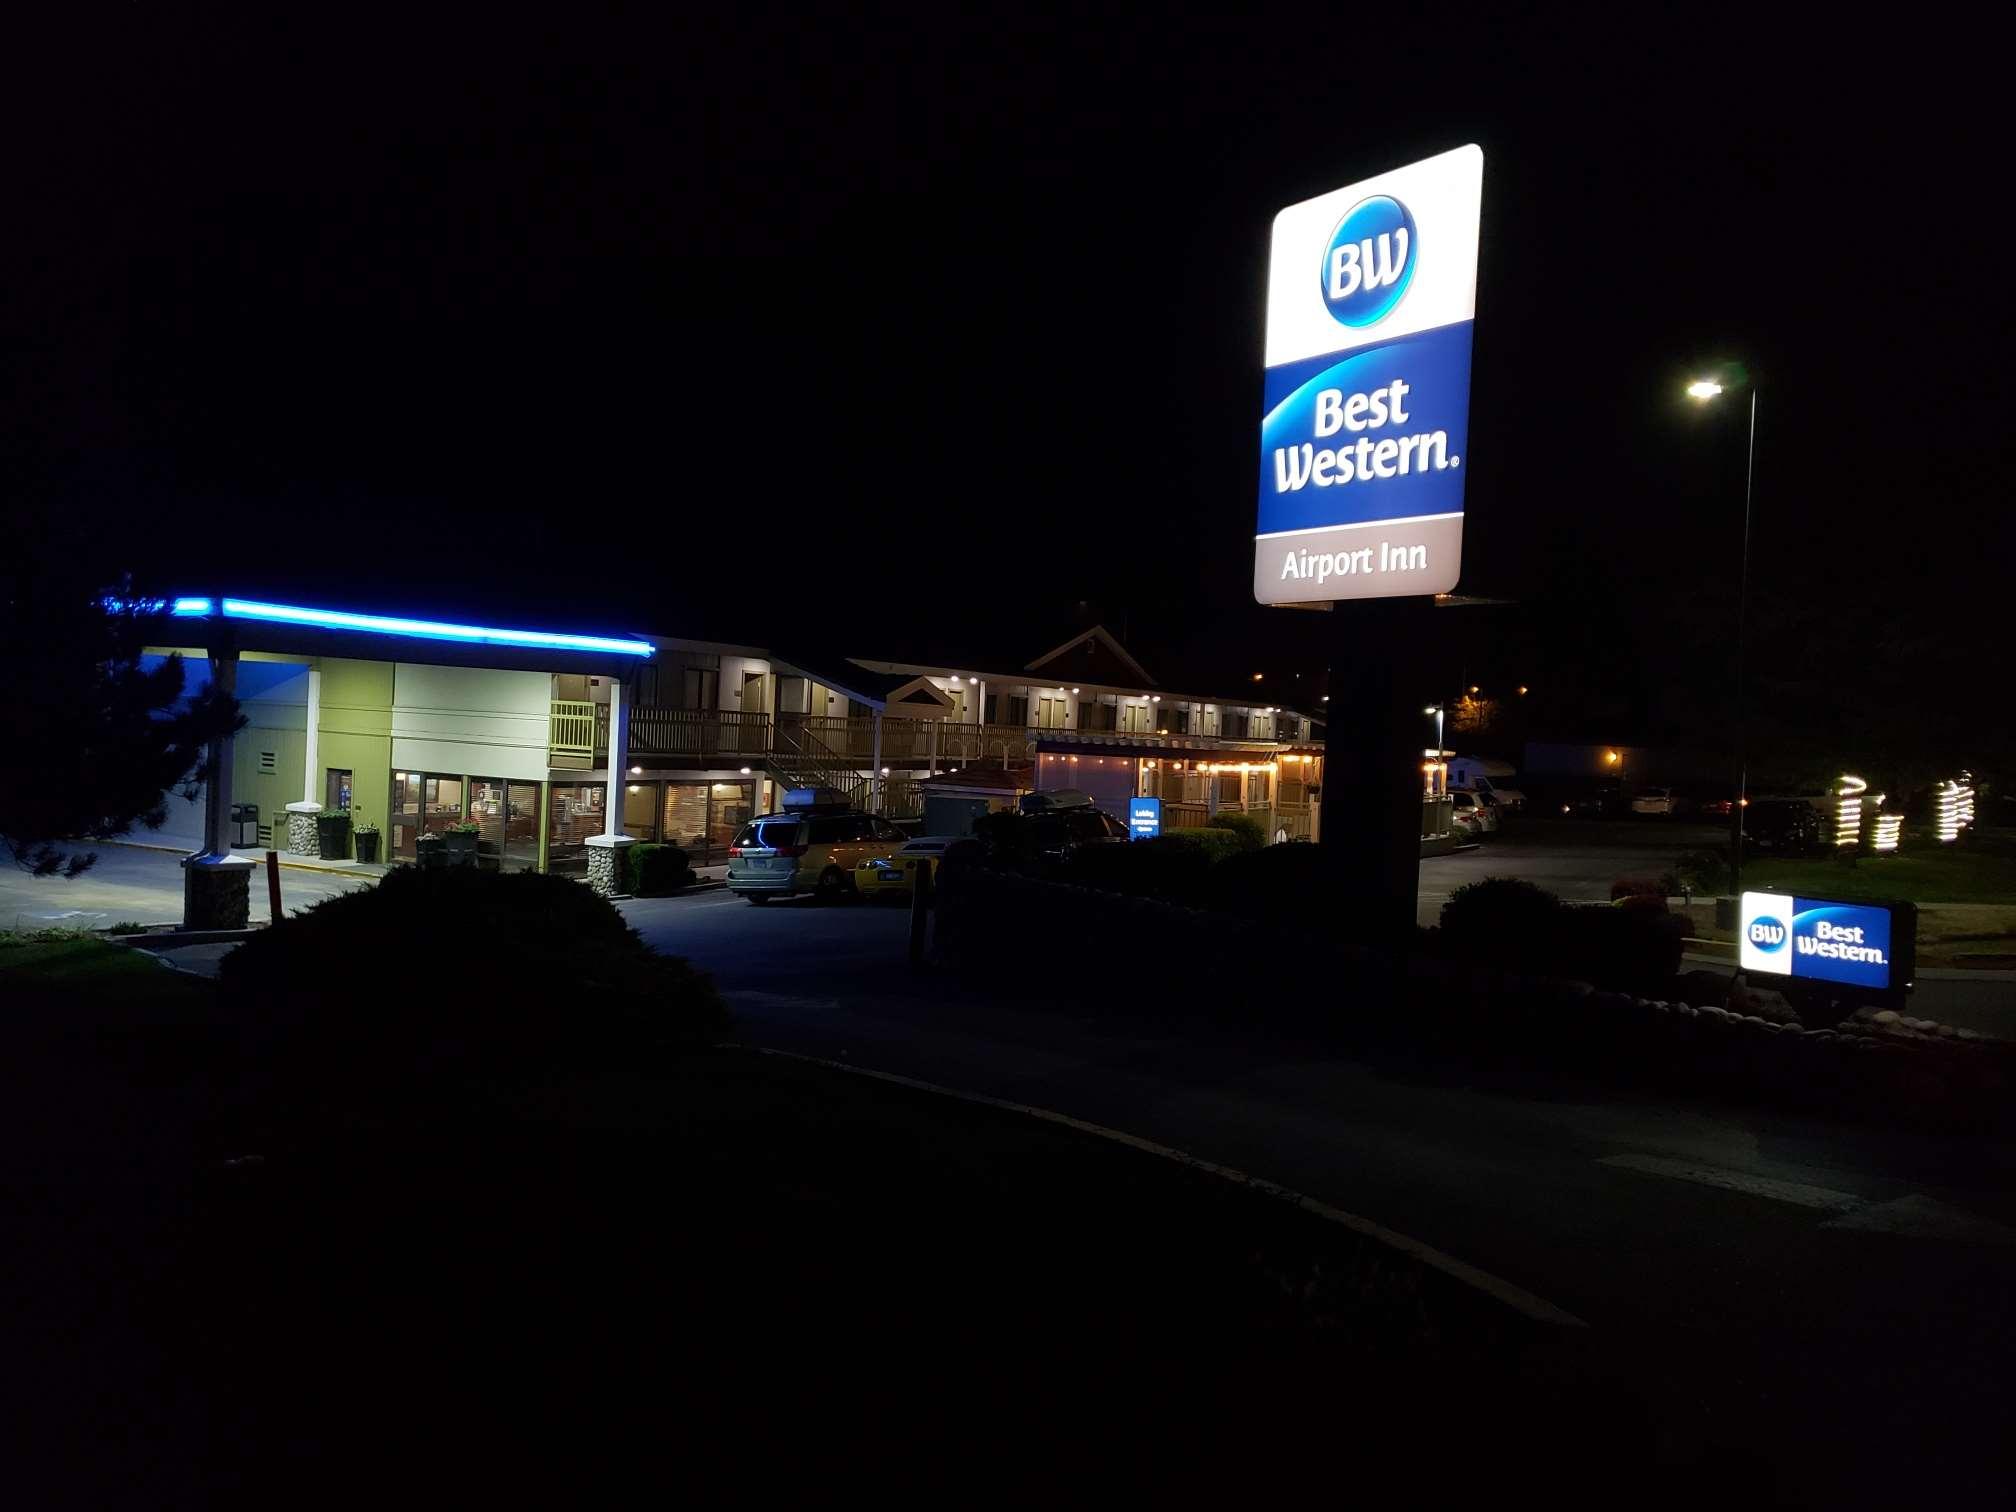 Best Western Airport Inn image 1